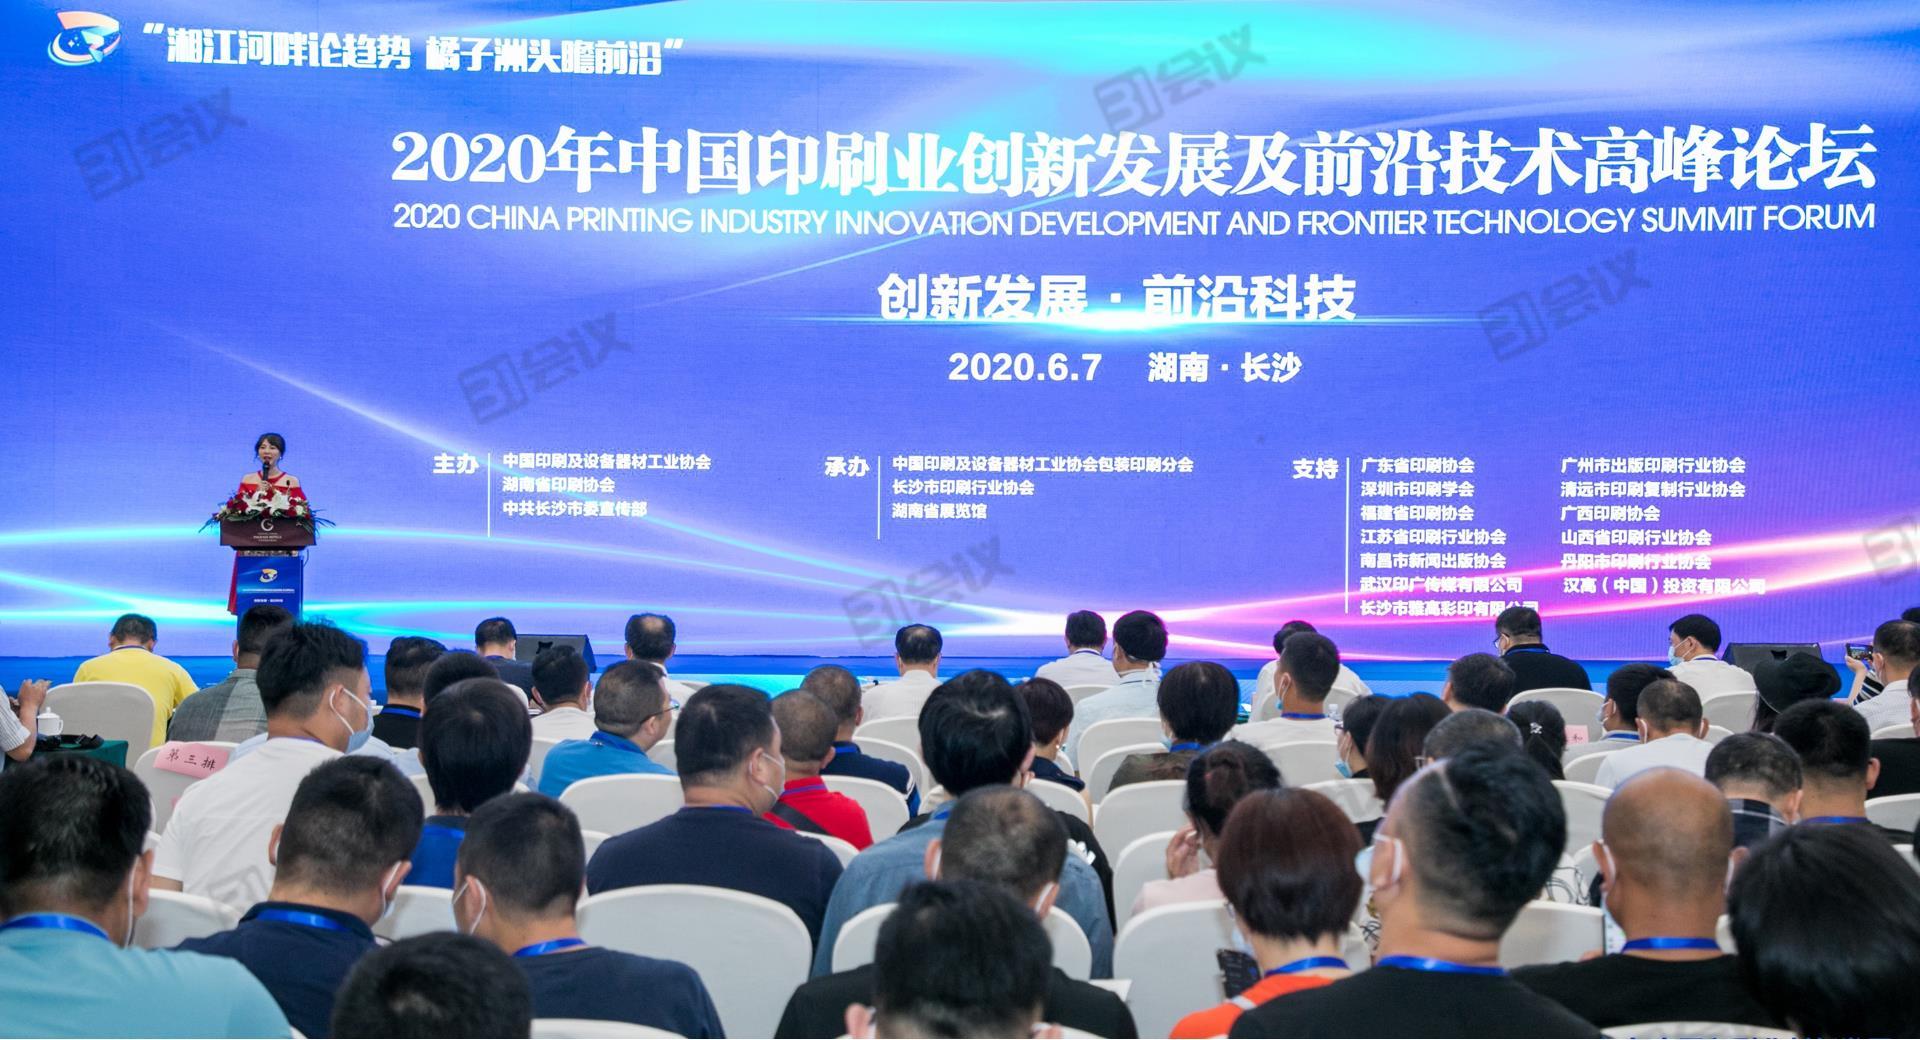 2020年中国印刷业创新发展及前沿技术高峰论坛